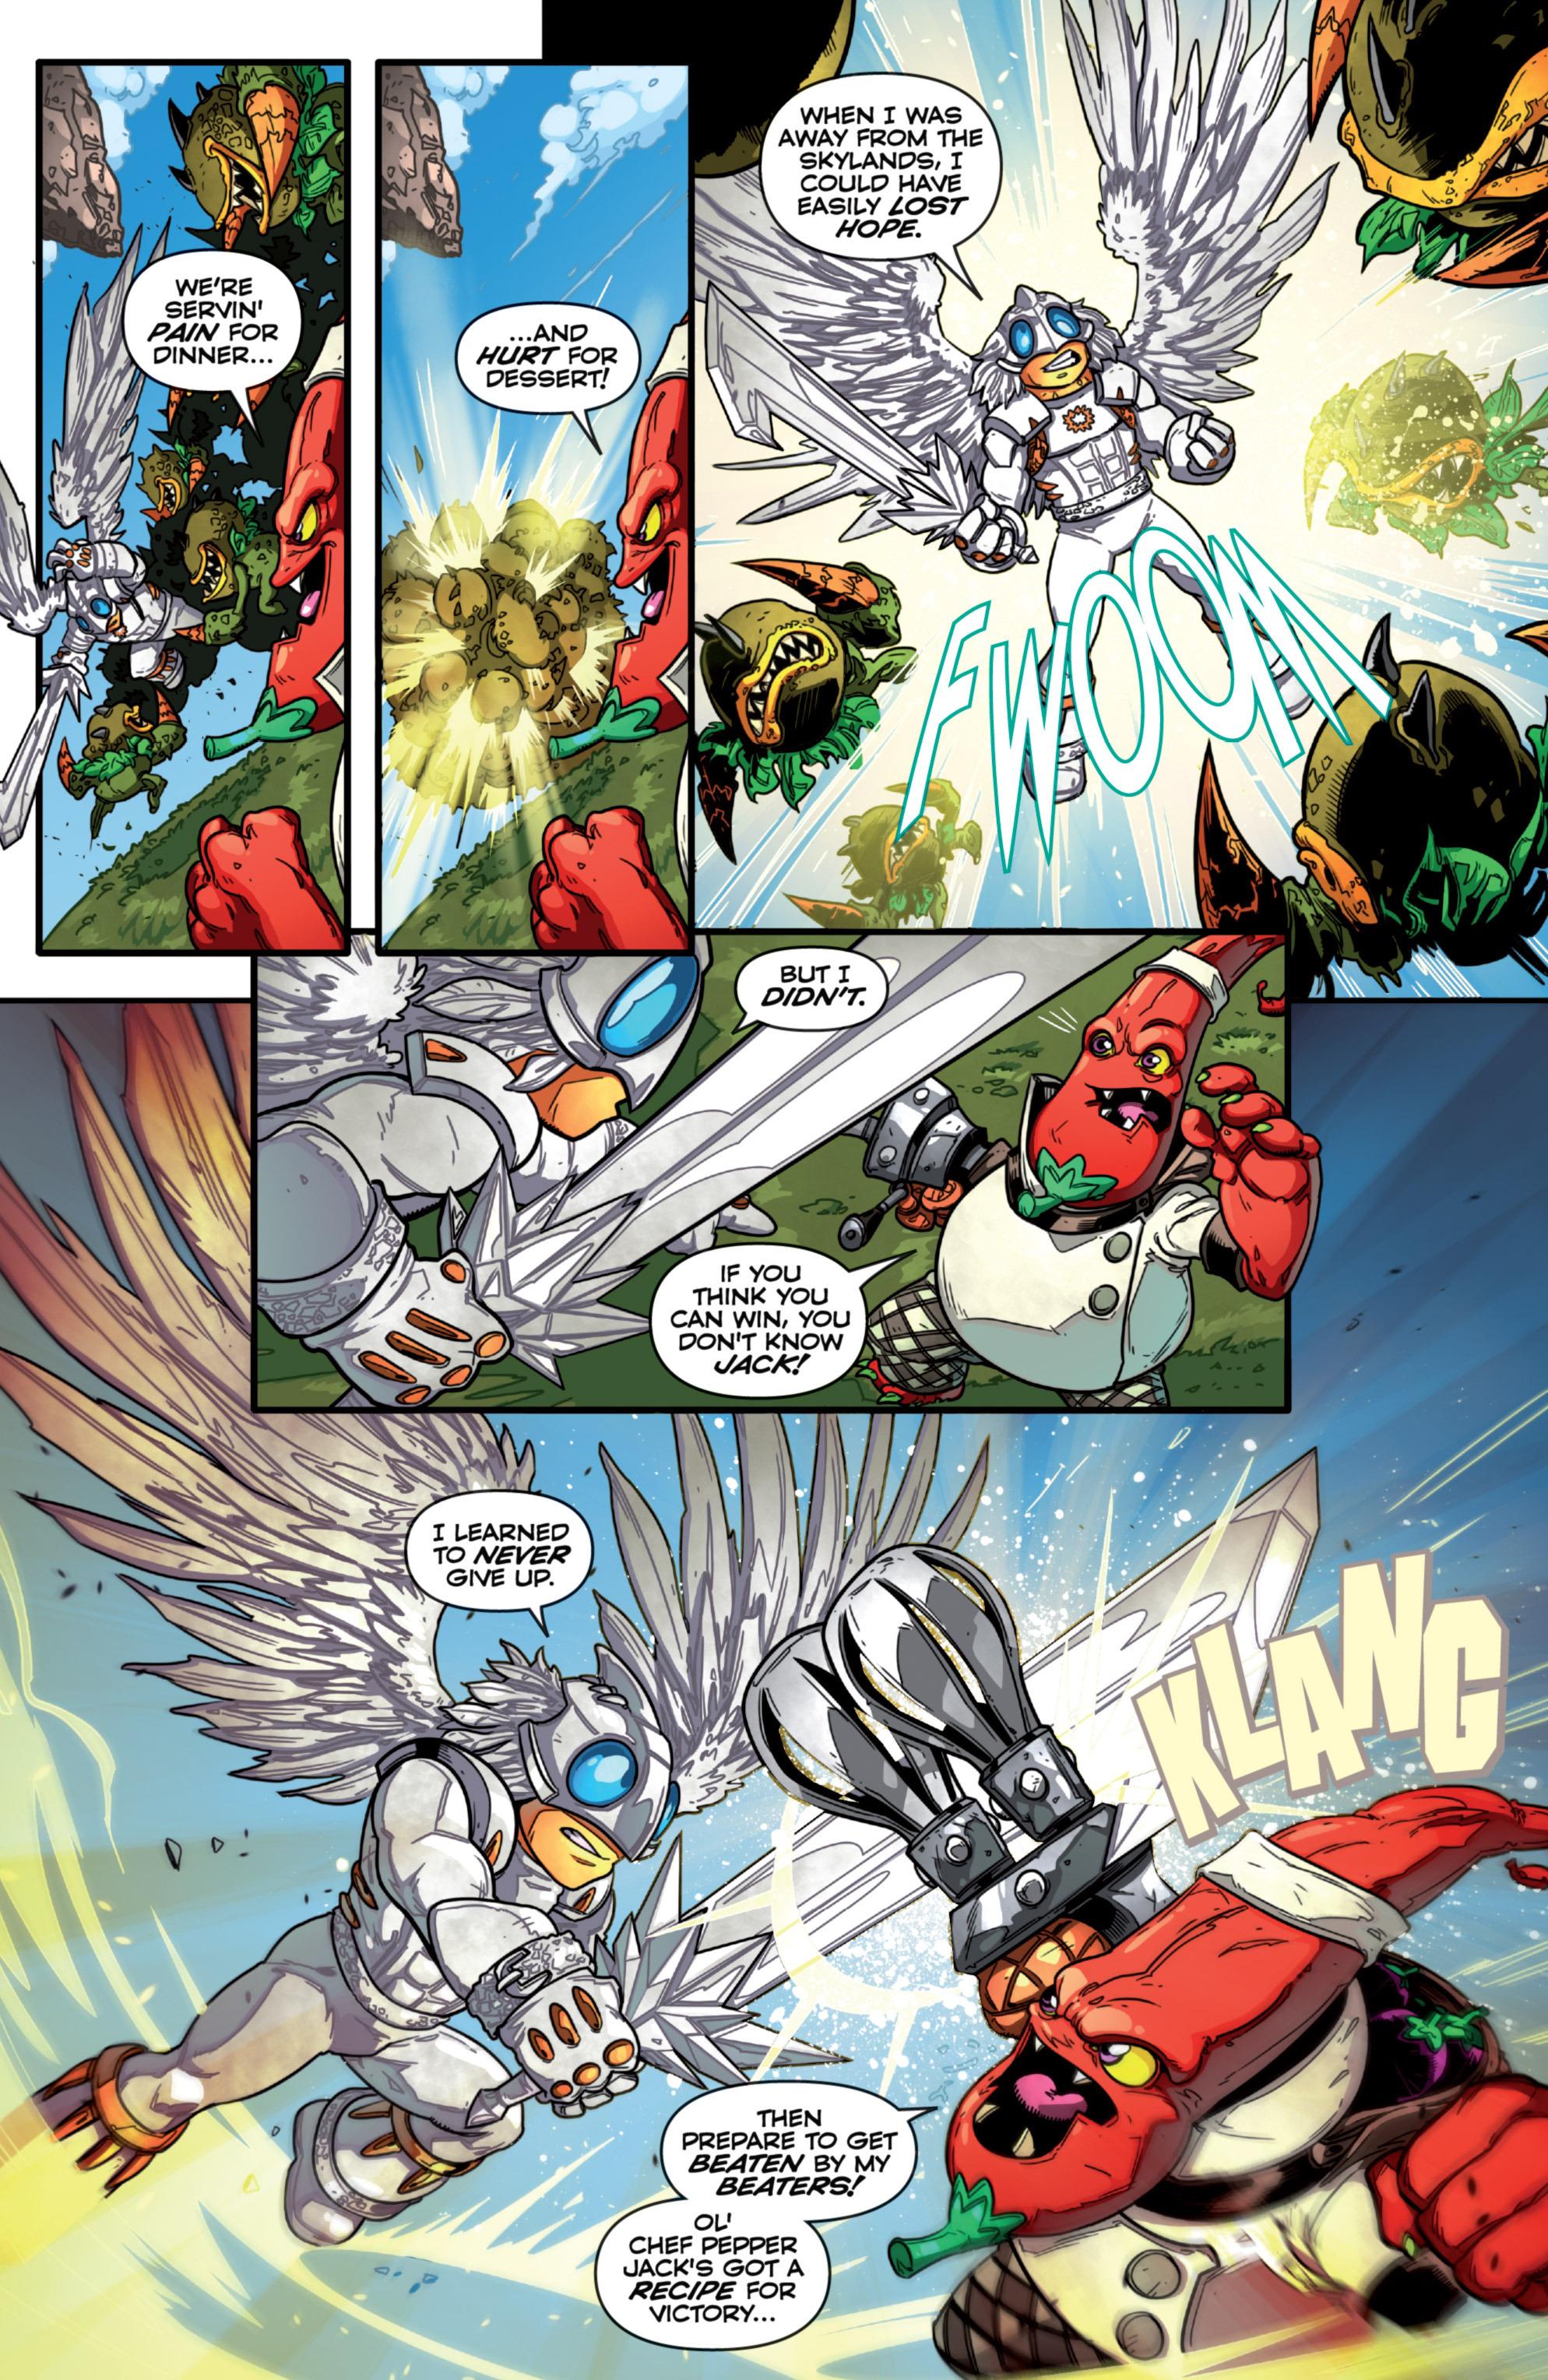 Read online Skylanders comic -  Issue #7 - 21